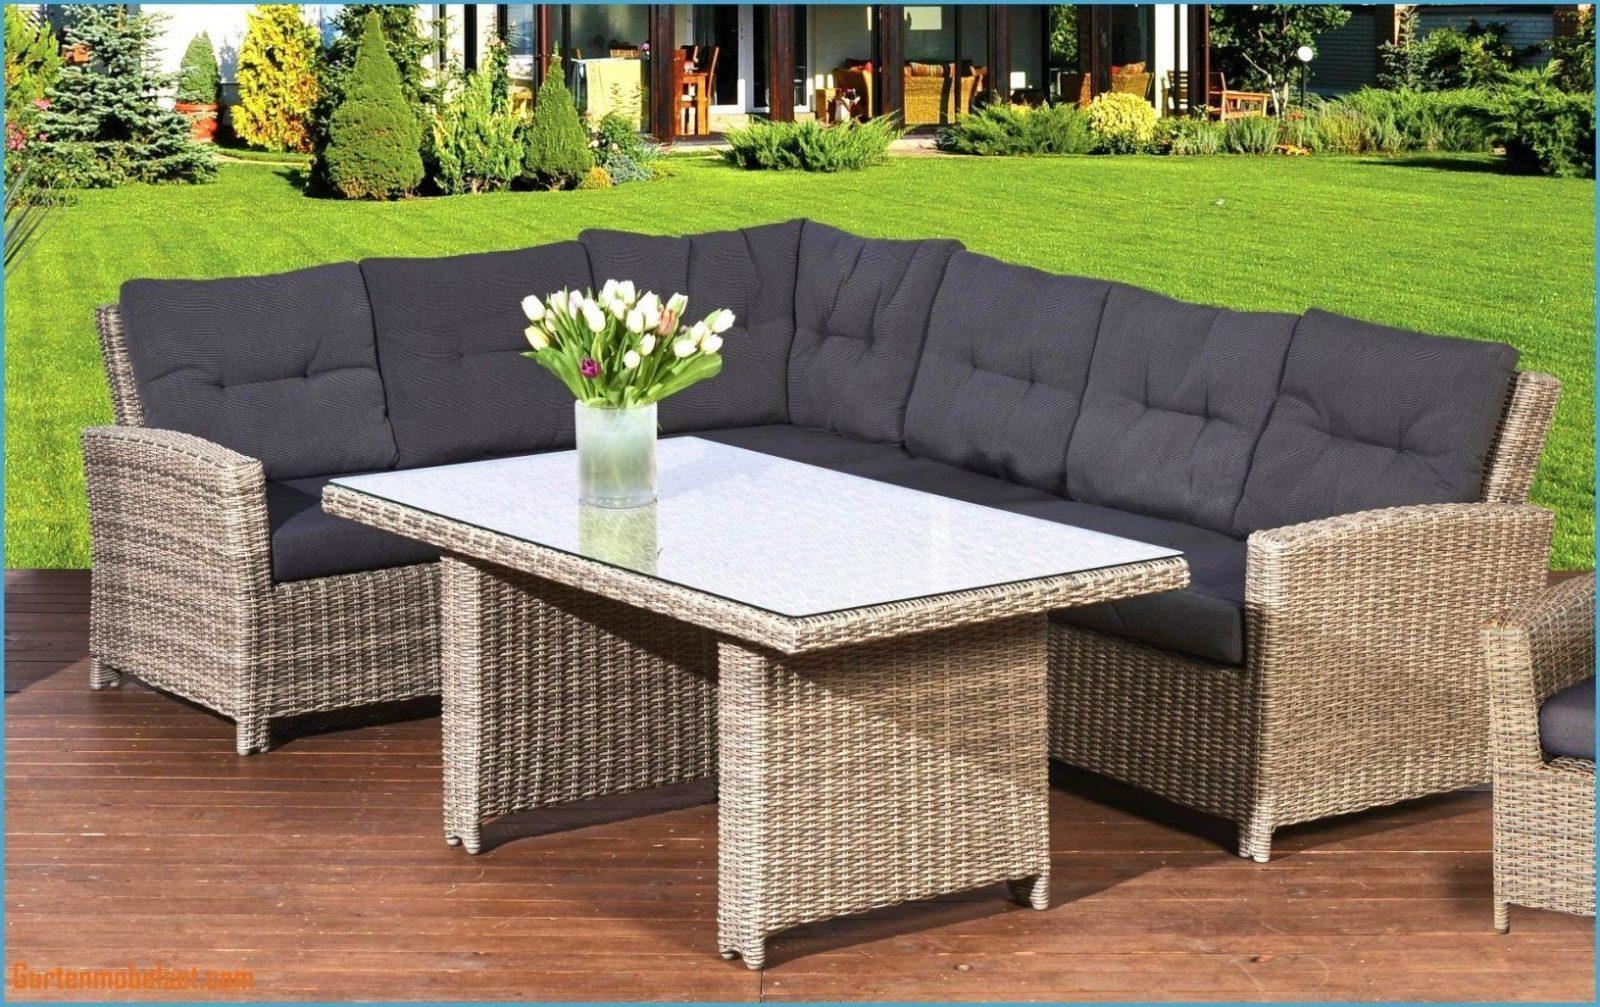 Gartenmöbel Akazie Best Of Gartenmöbel Holland Kaufen  Maisonbonte von Gartenmöbel In Holland Kaufen Bild